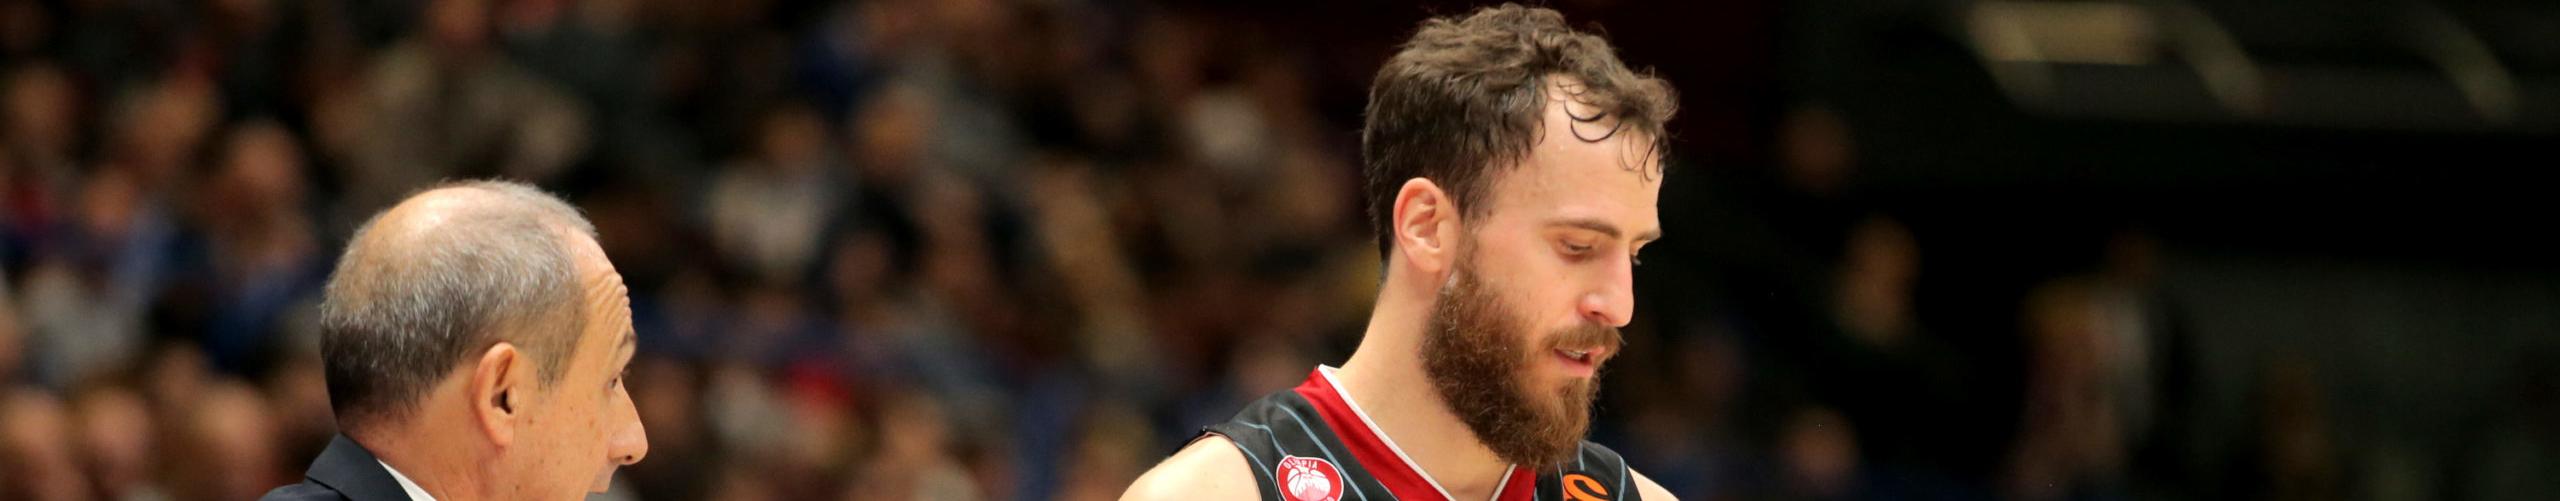 Brindisi-Milano, per l'Olimpia è il momento di mostrare i muscoli: Rodriguez sfida Banks